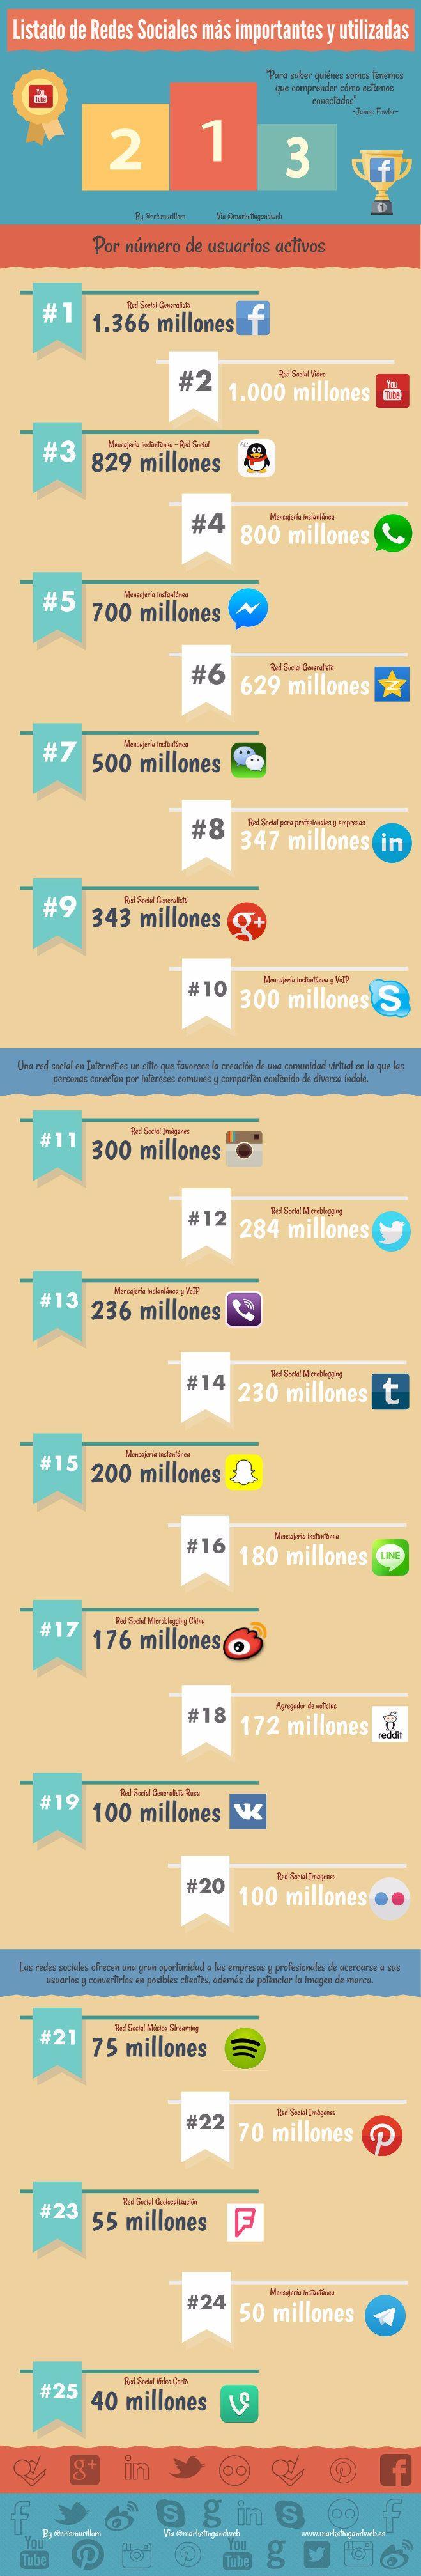 Lista de #redessociales más utilizadas #infografía http://www.rebeldesmarketingonline.com/webinar/landing_101_errores.html